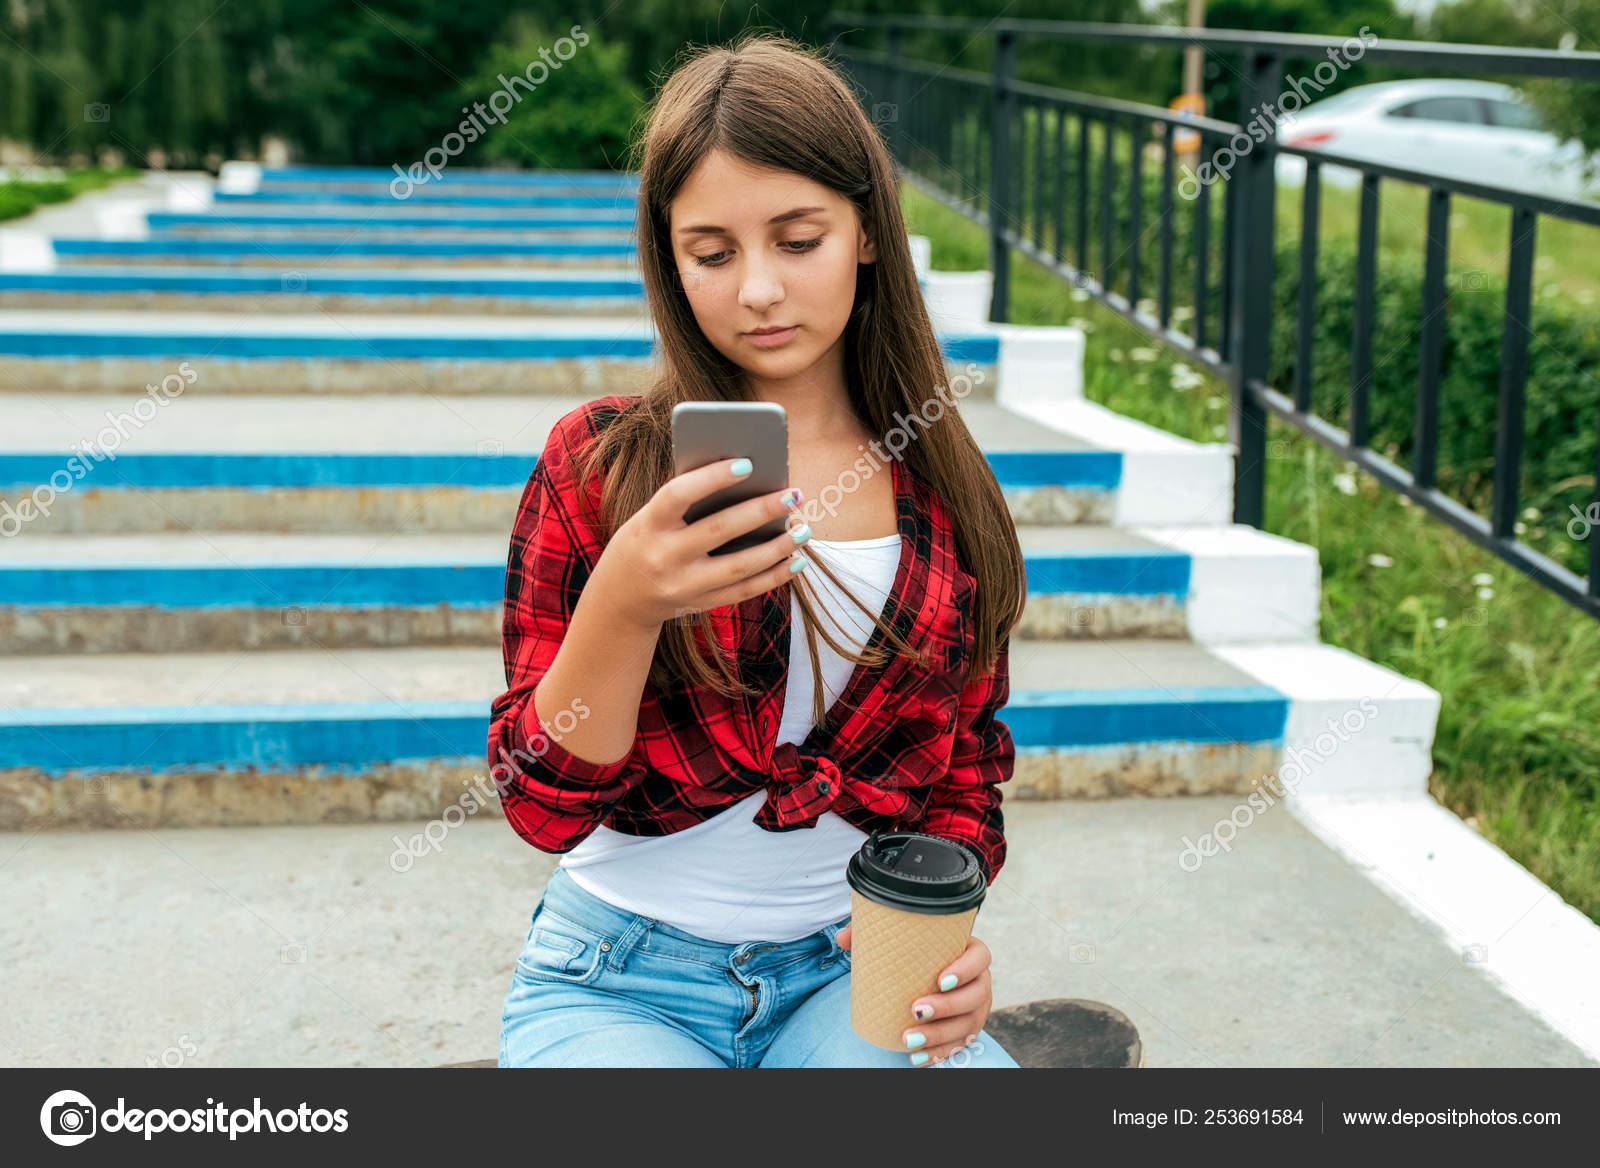 610073d35 Adolescente de niña colegiala 13-16 años, sentado en un pasos de ...